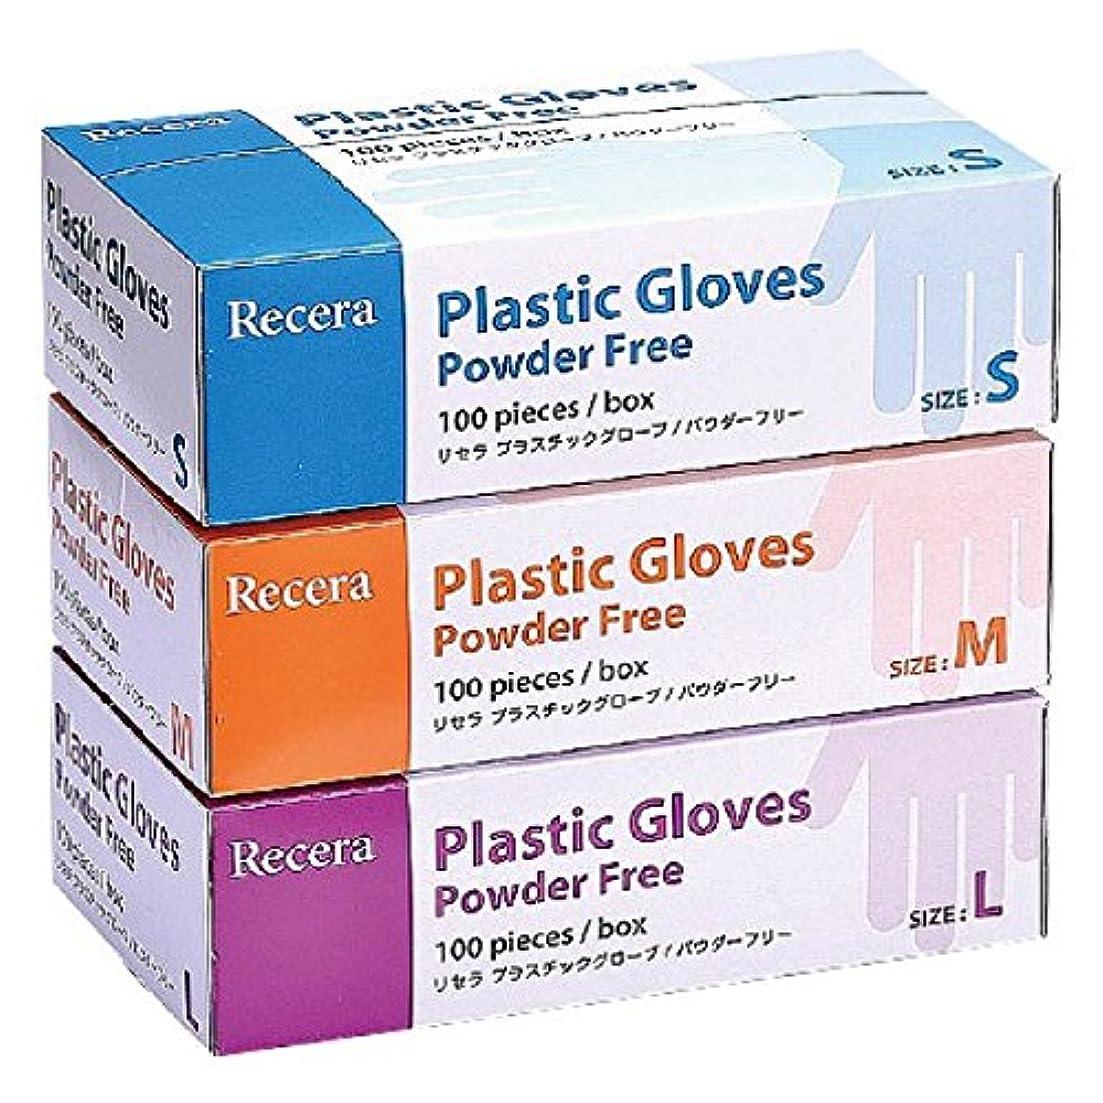 ディスコの間で従順リセラ プラスチックグローブ(パウダーフリー) Sサイズ 1箱(100枚入)